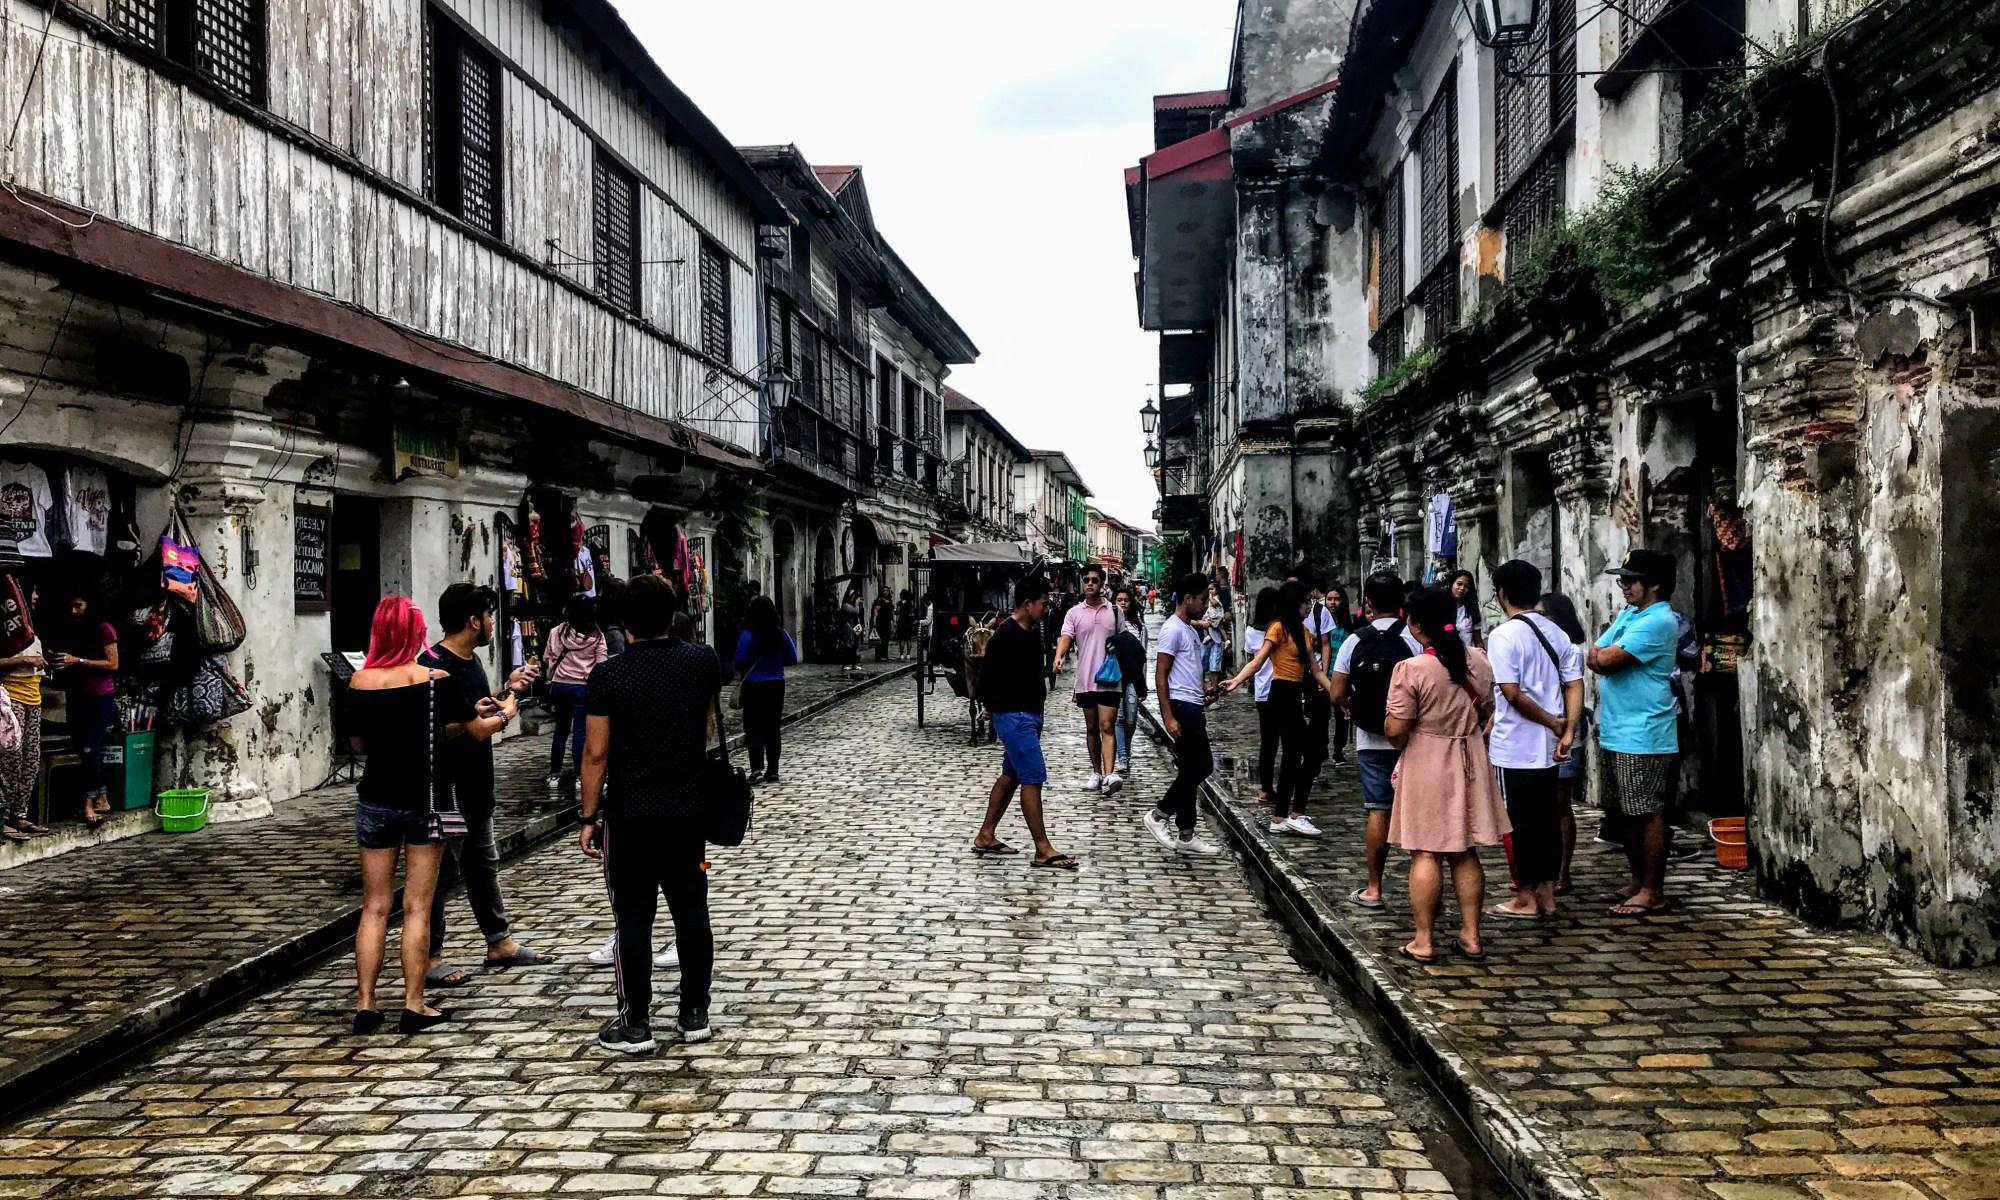 Calle Crisologo, Vigan, Philippines